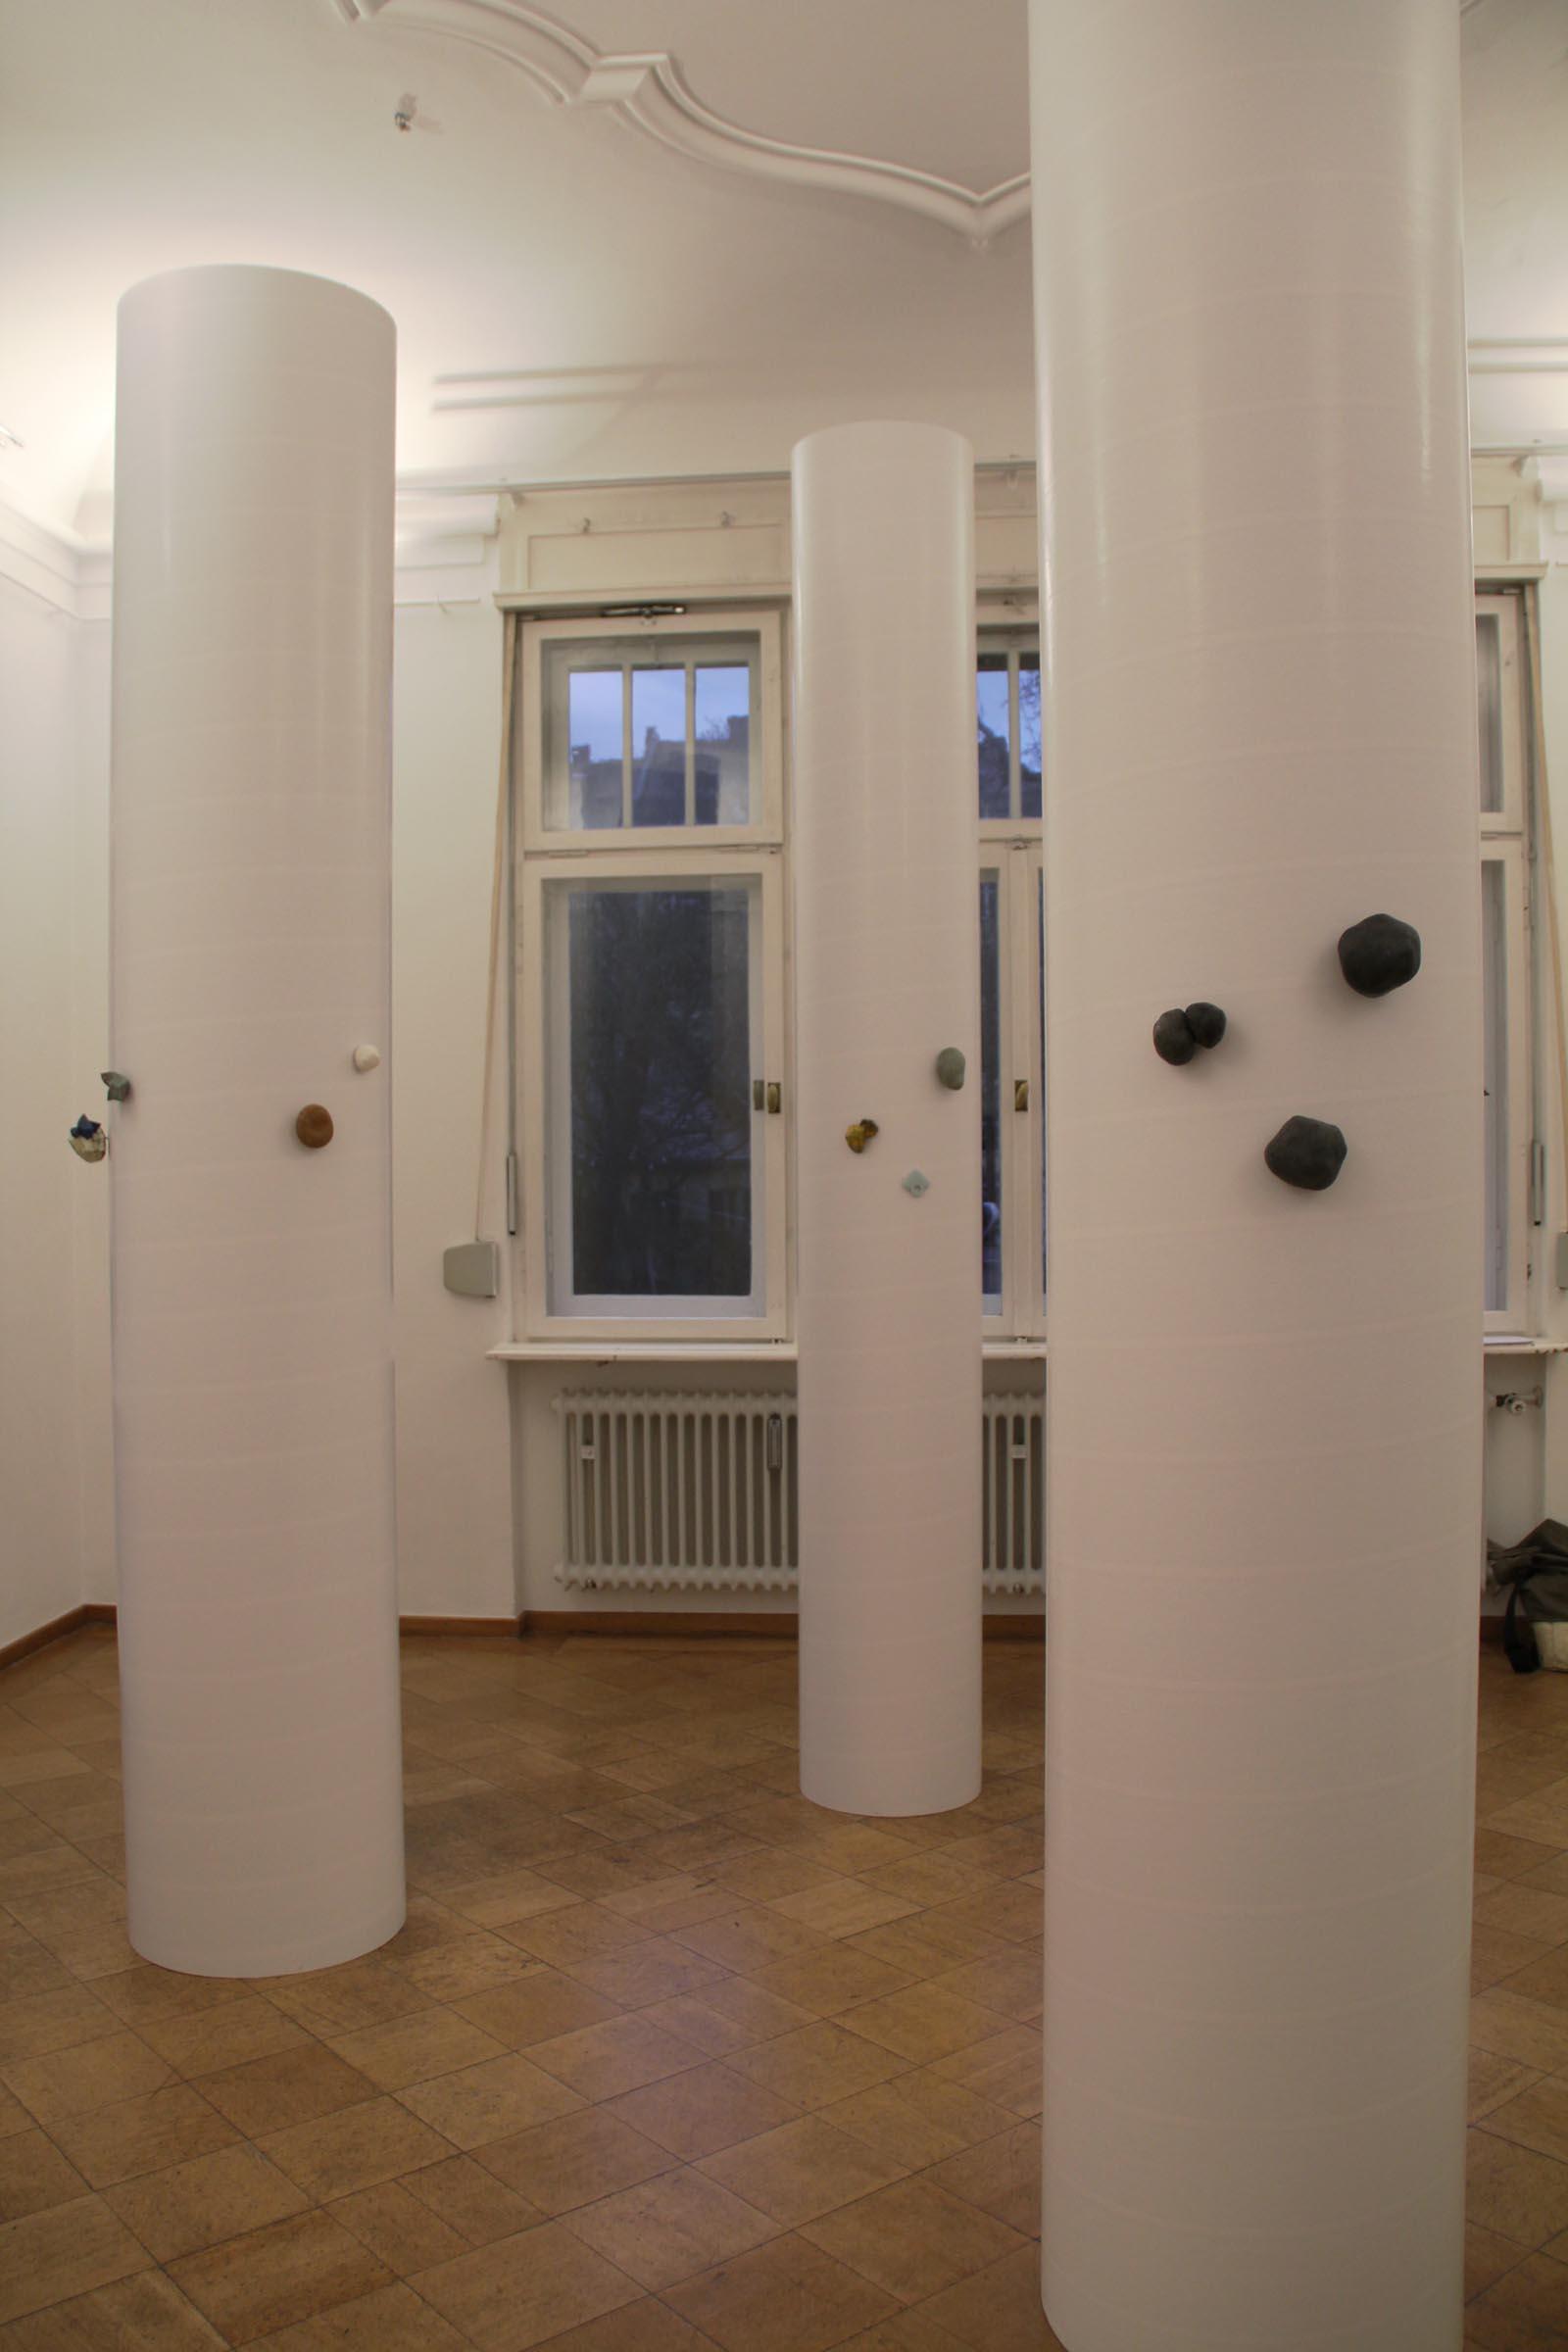 """""""A Flock of Pillars on Parade"""" I A trio show with Emma Price, Barbara Schrobenhauser and Carina ShoshtaryI 2012 I Seidlvilla, Munich, Germany I Photo: Carina Shoshtary"""